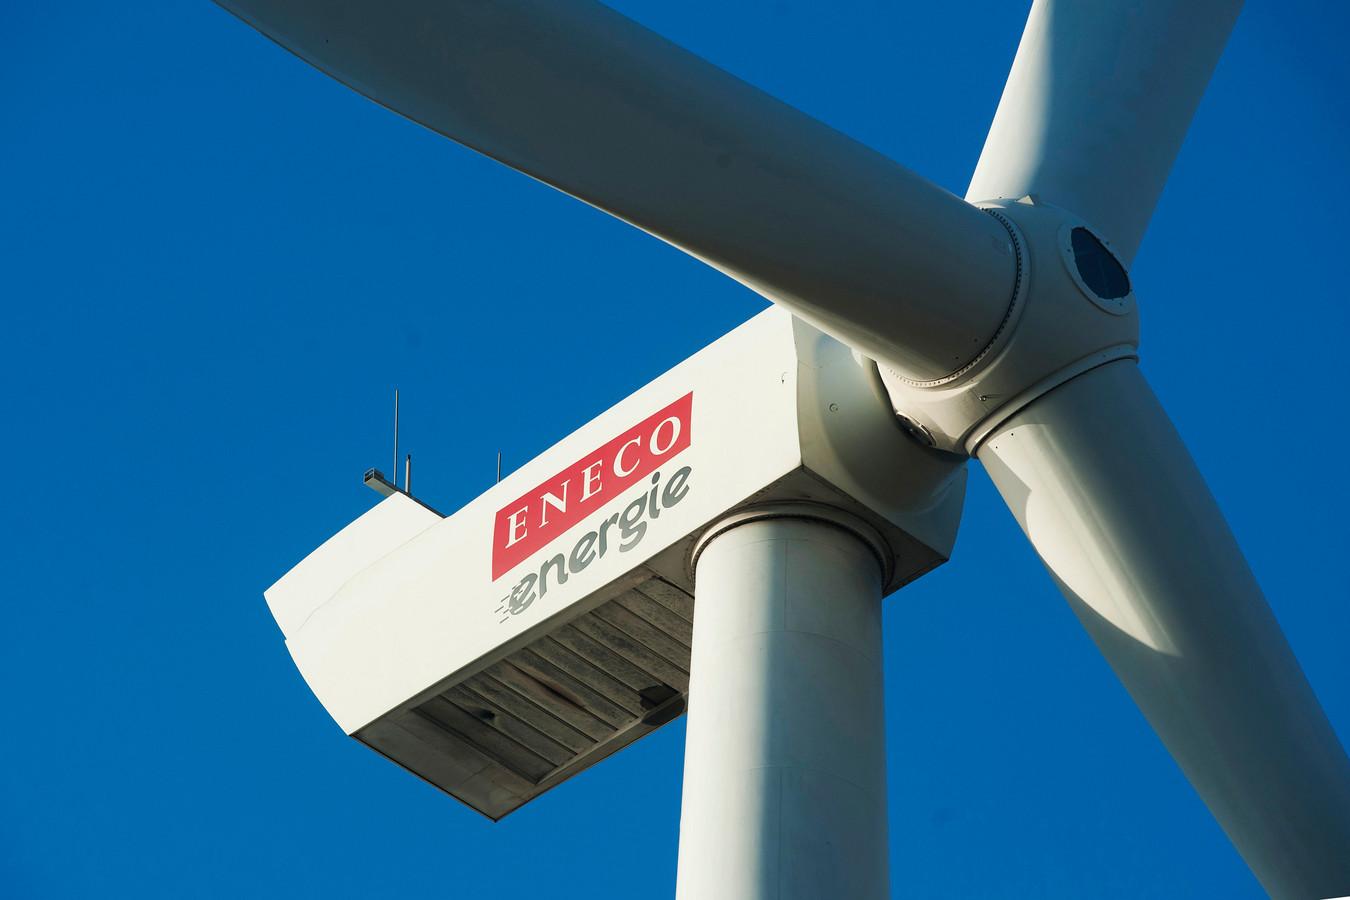 Eneco staat bekend om zijn groene koers en investeert veel in bijvoorbeeld windenergie.